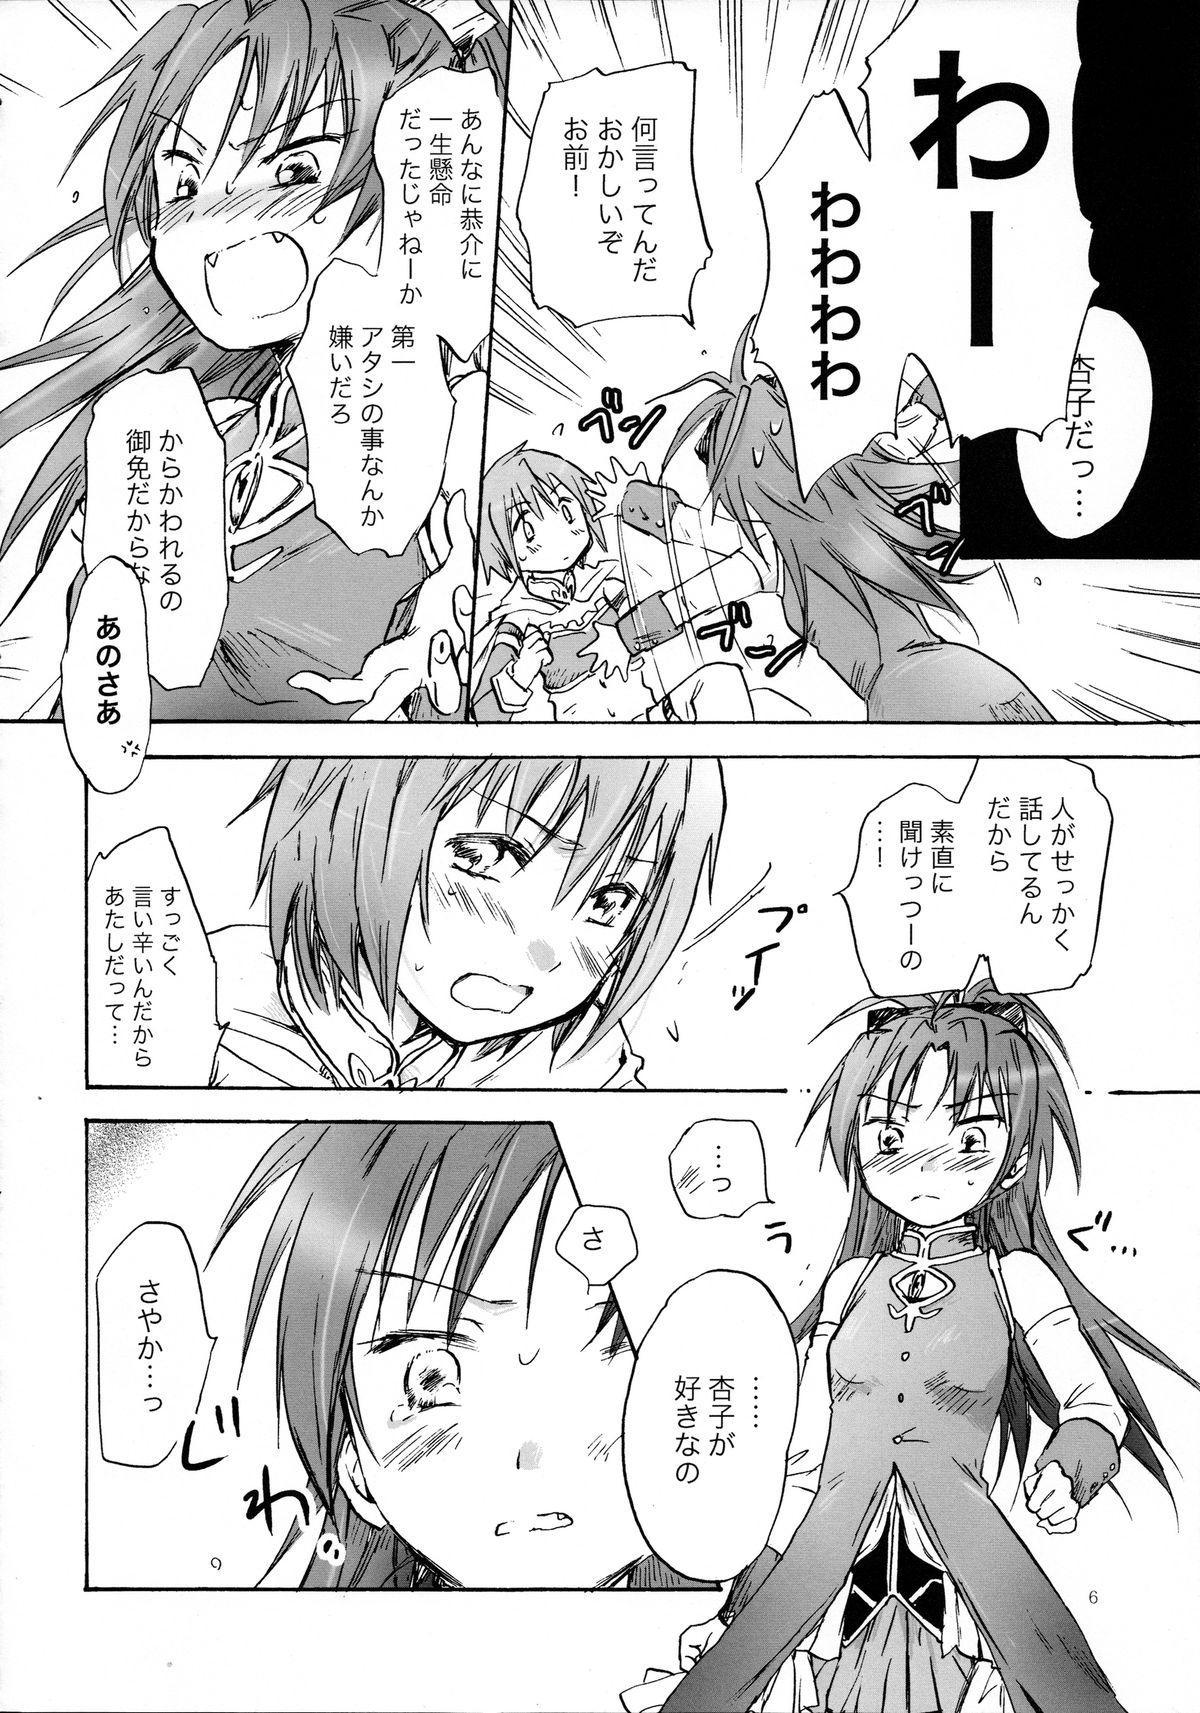 Kimi ga Hohoemu Yume wo Mita 4